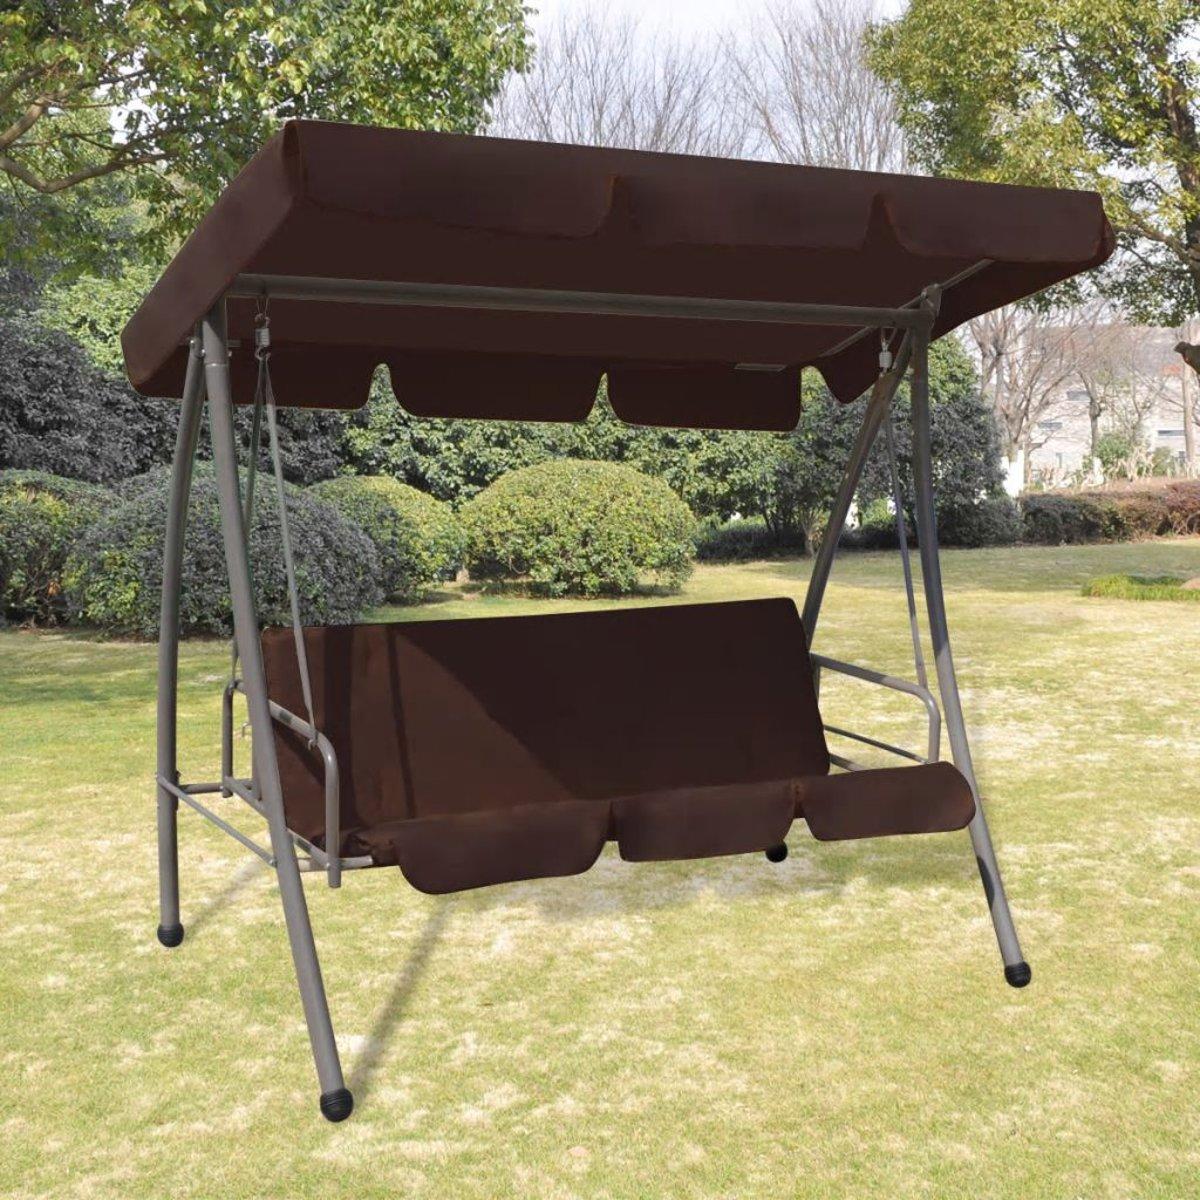 vidaXL Schommelstoel voor buiten met luifel koffiekleur kopen